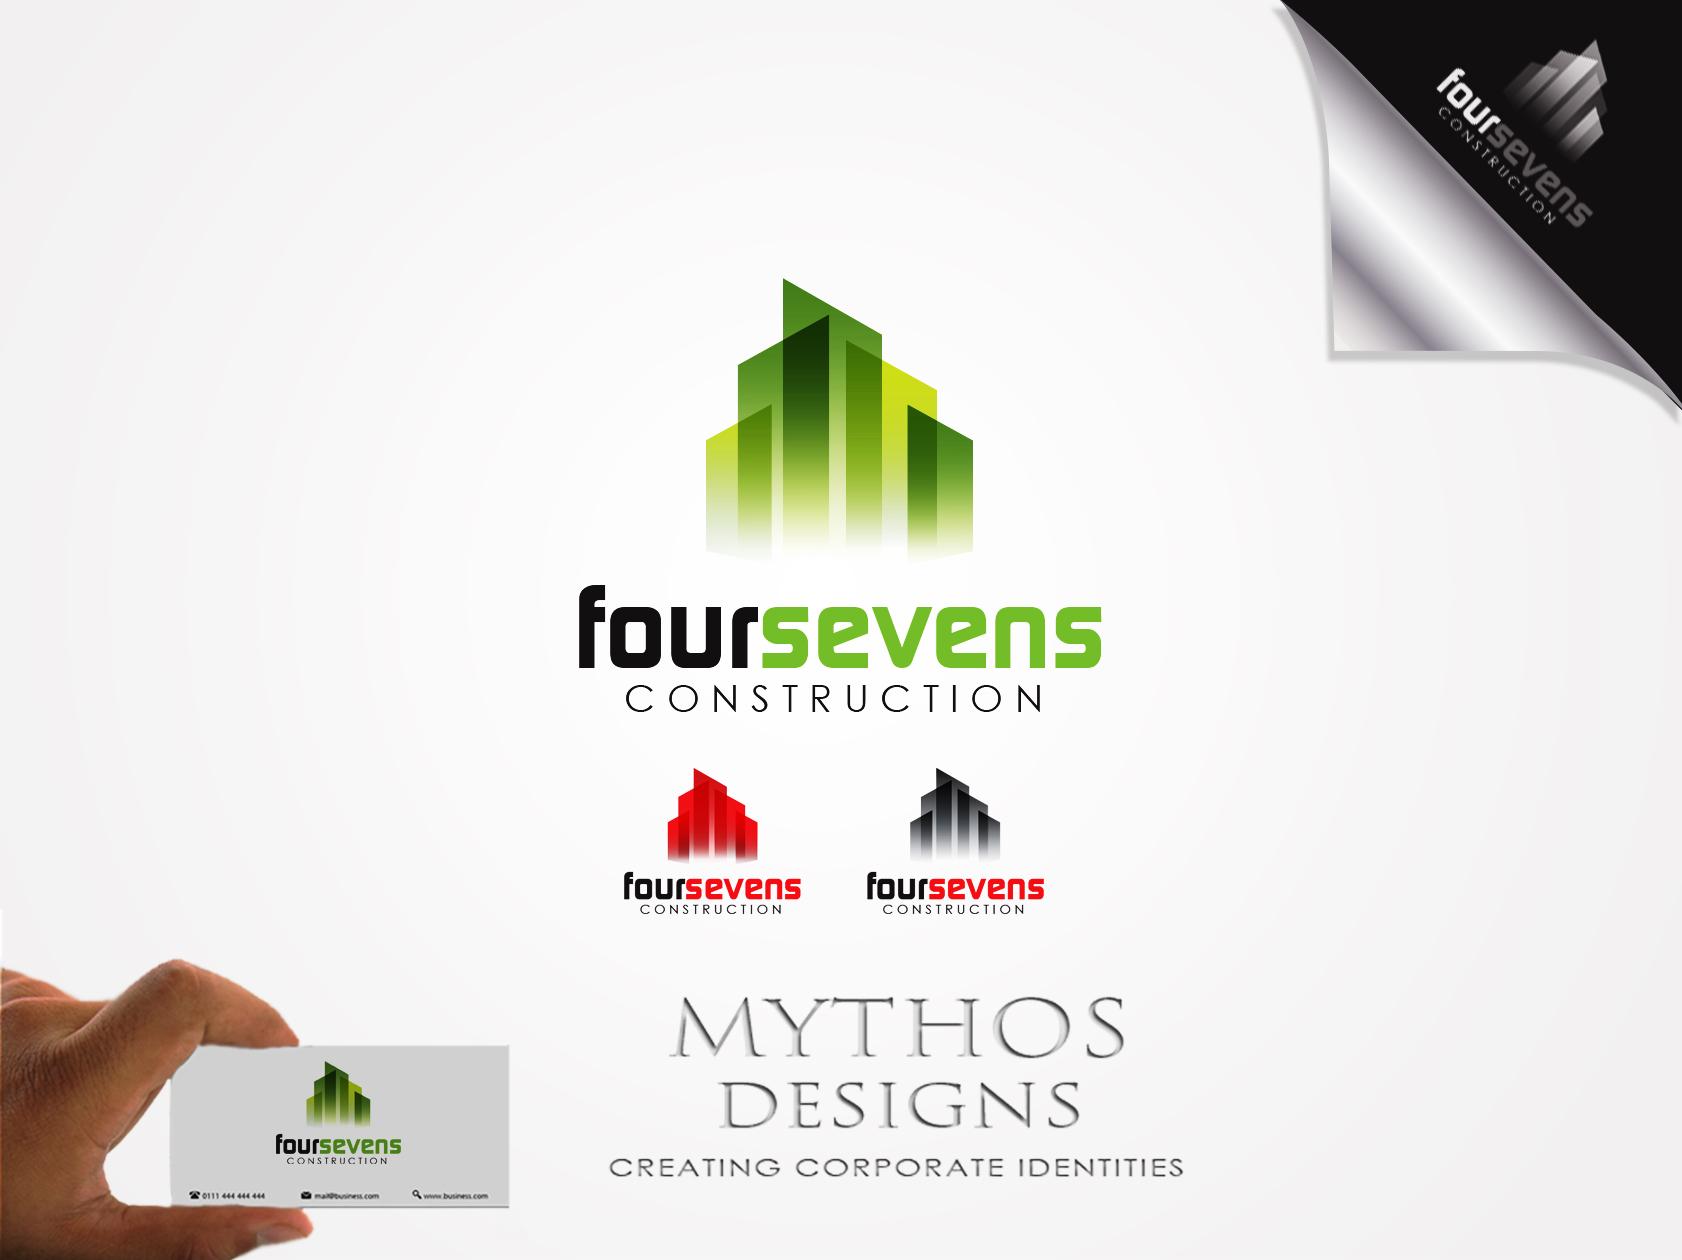 Logo Design by Mythos Designs - Entry No. 137 in the Logo Design Contest New Logo Design for foursevens.